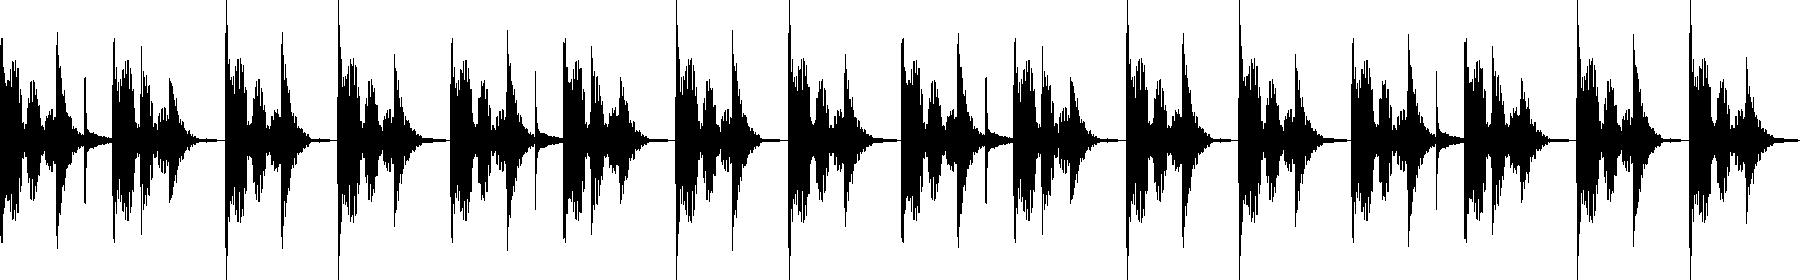 drum 09 123